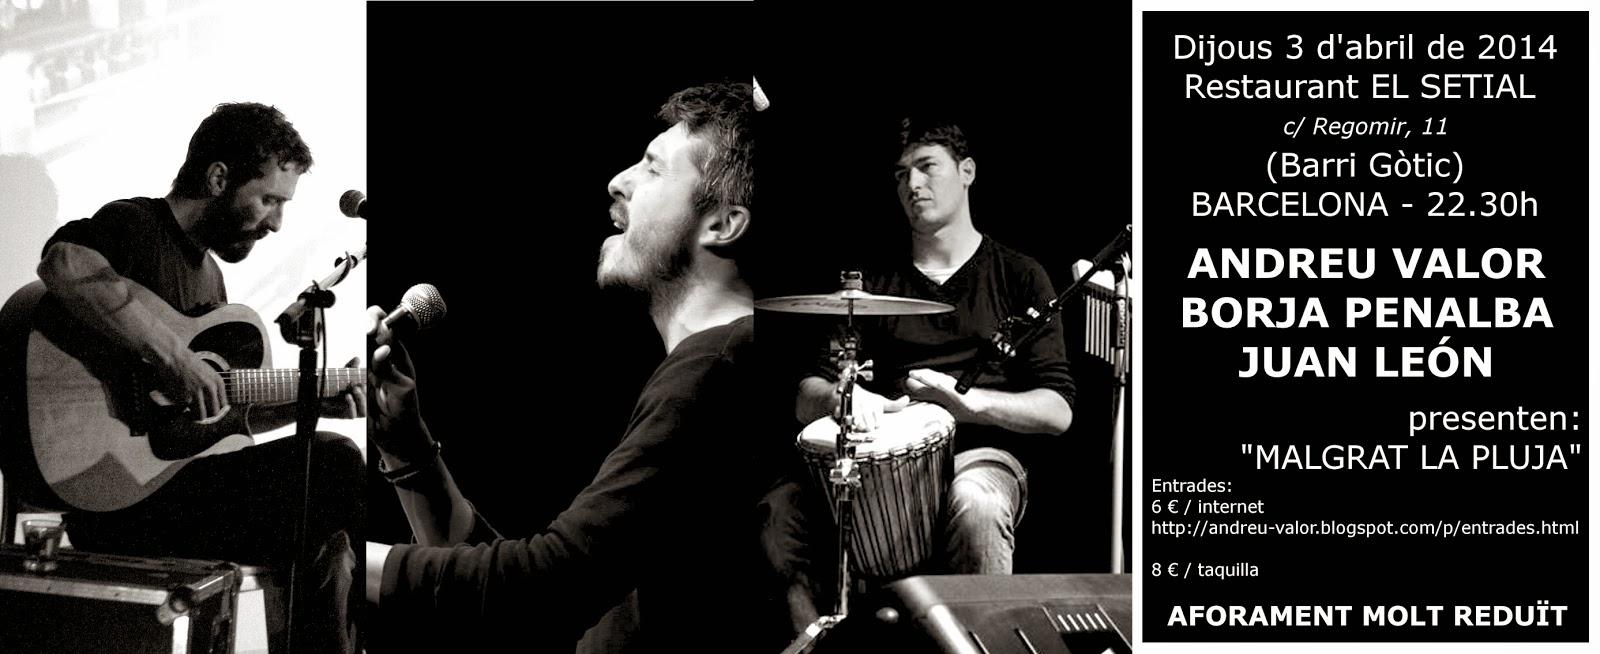 #ElSetial 03/04/14  @AndreuValor & @BPenalba